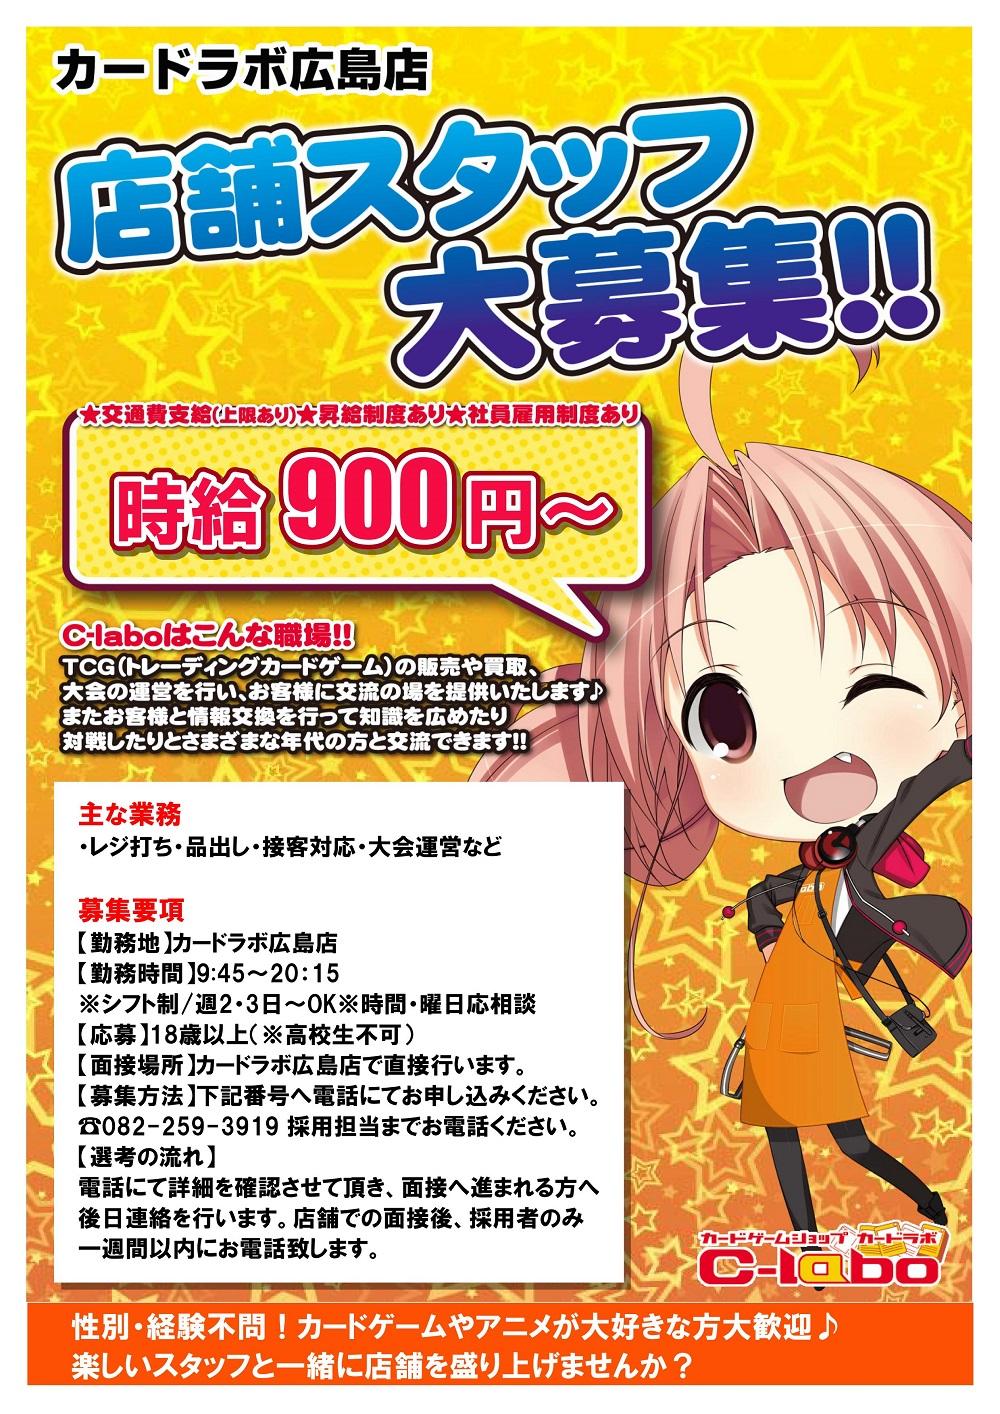 広島店アルバイトスタッフ募集中!